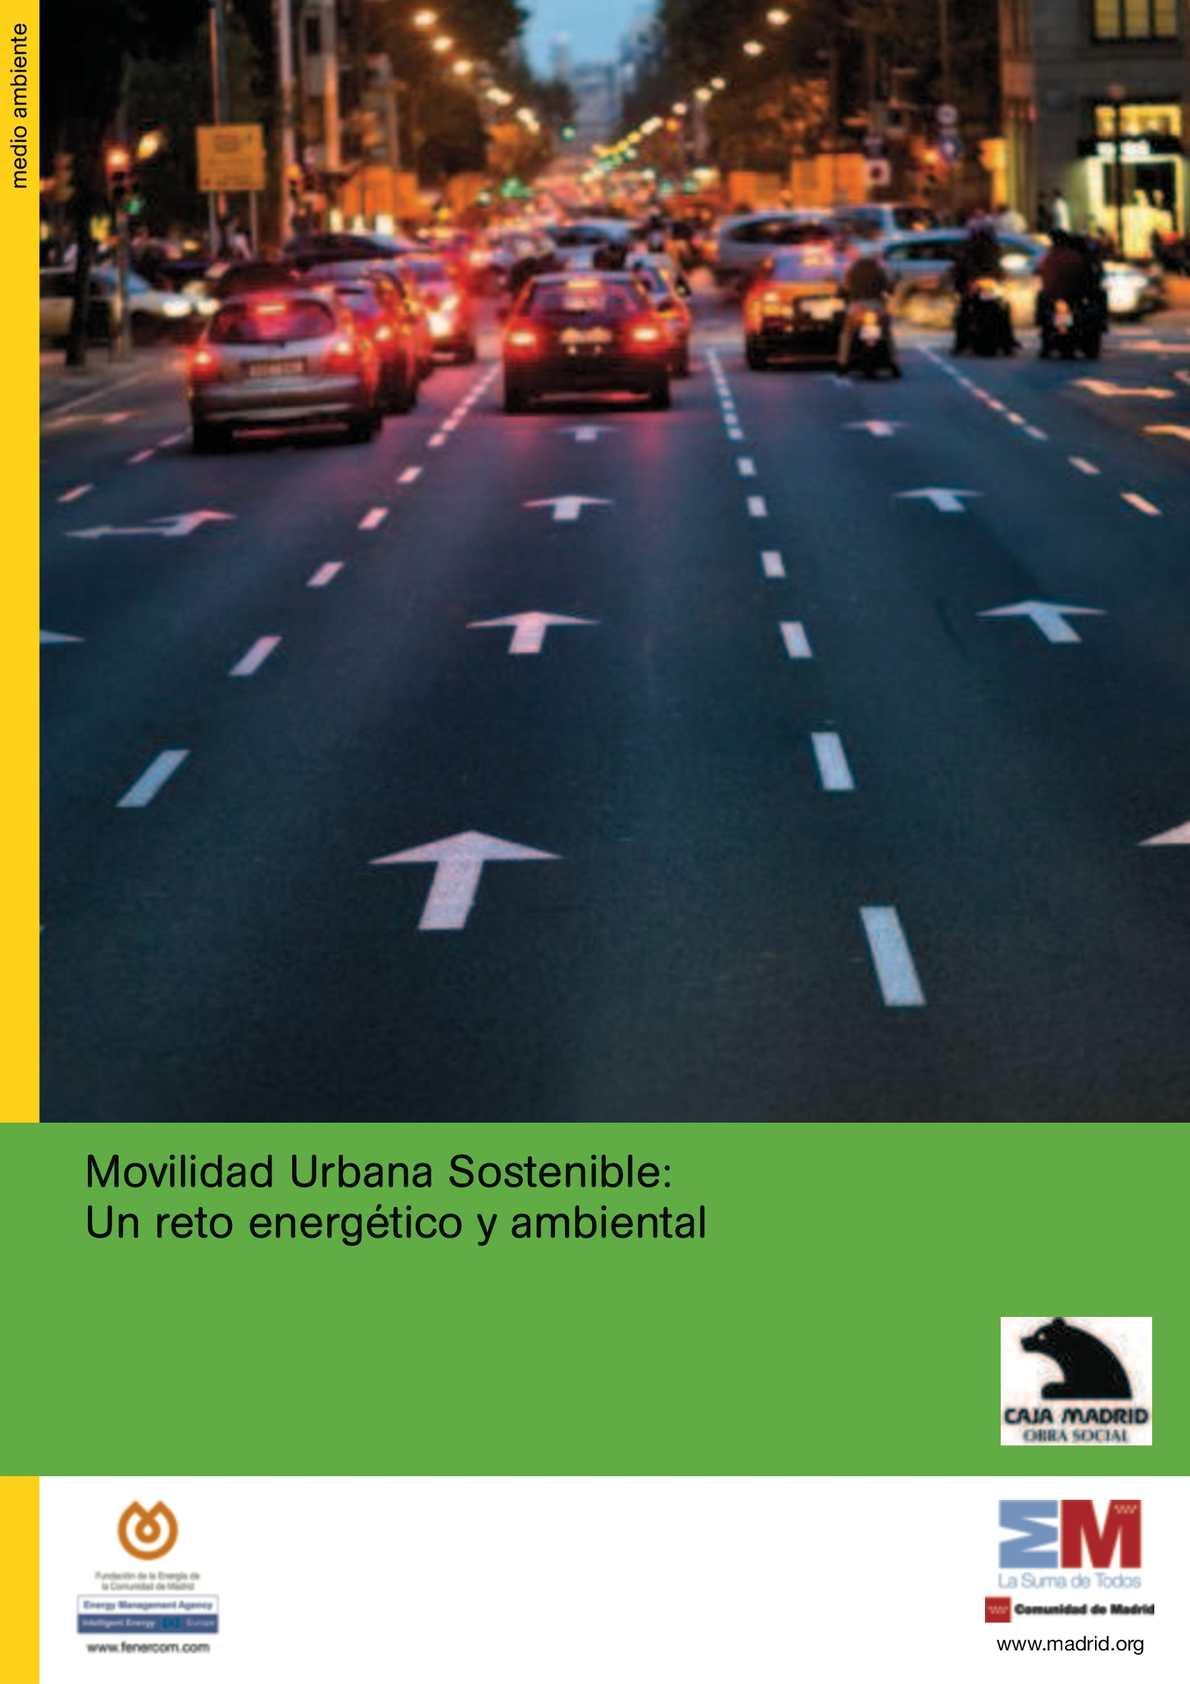 Movilidad Urbana Sostenible: Un reto energético y ambiental